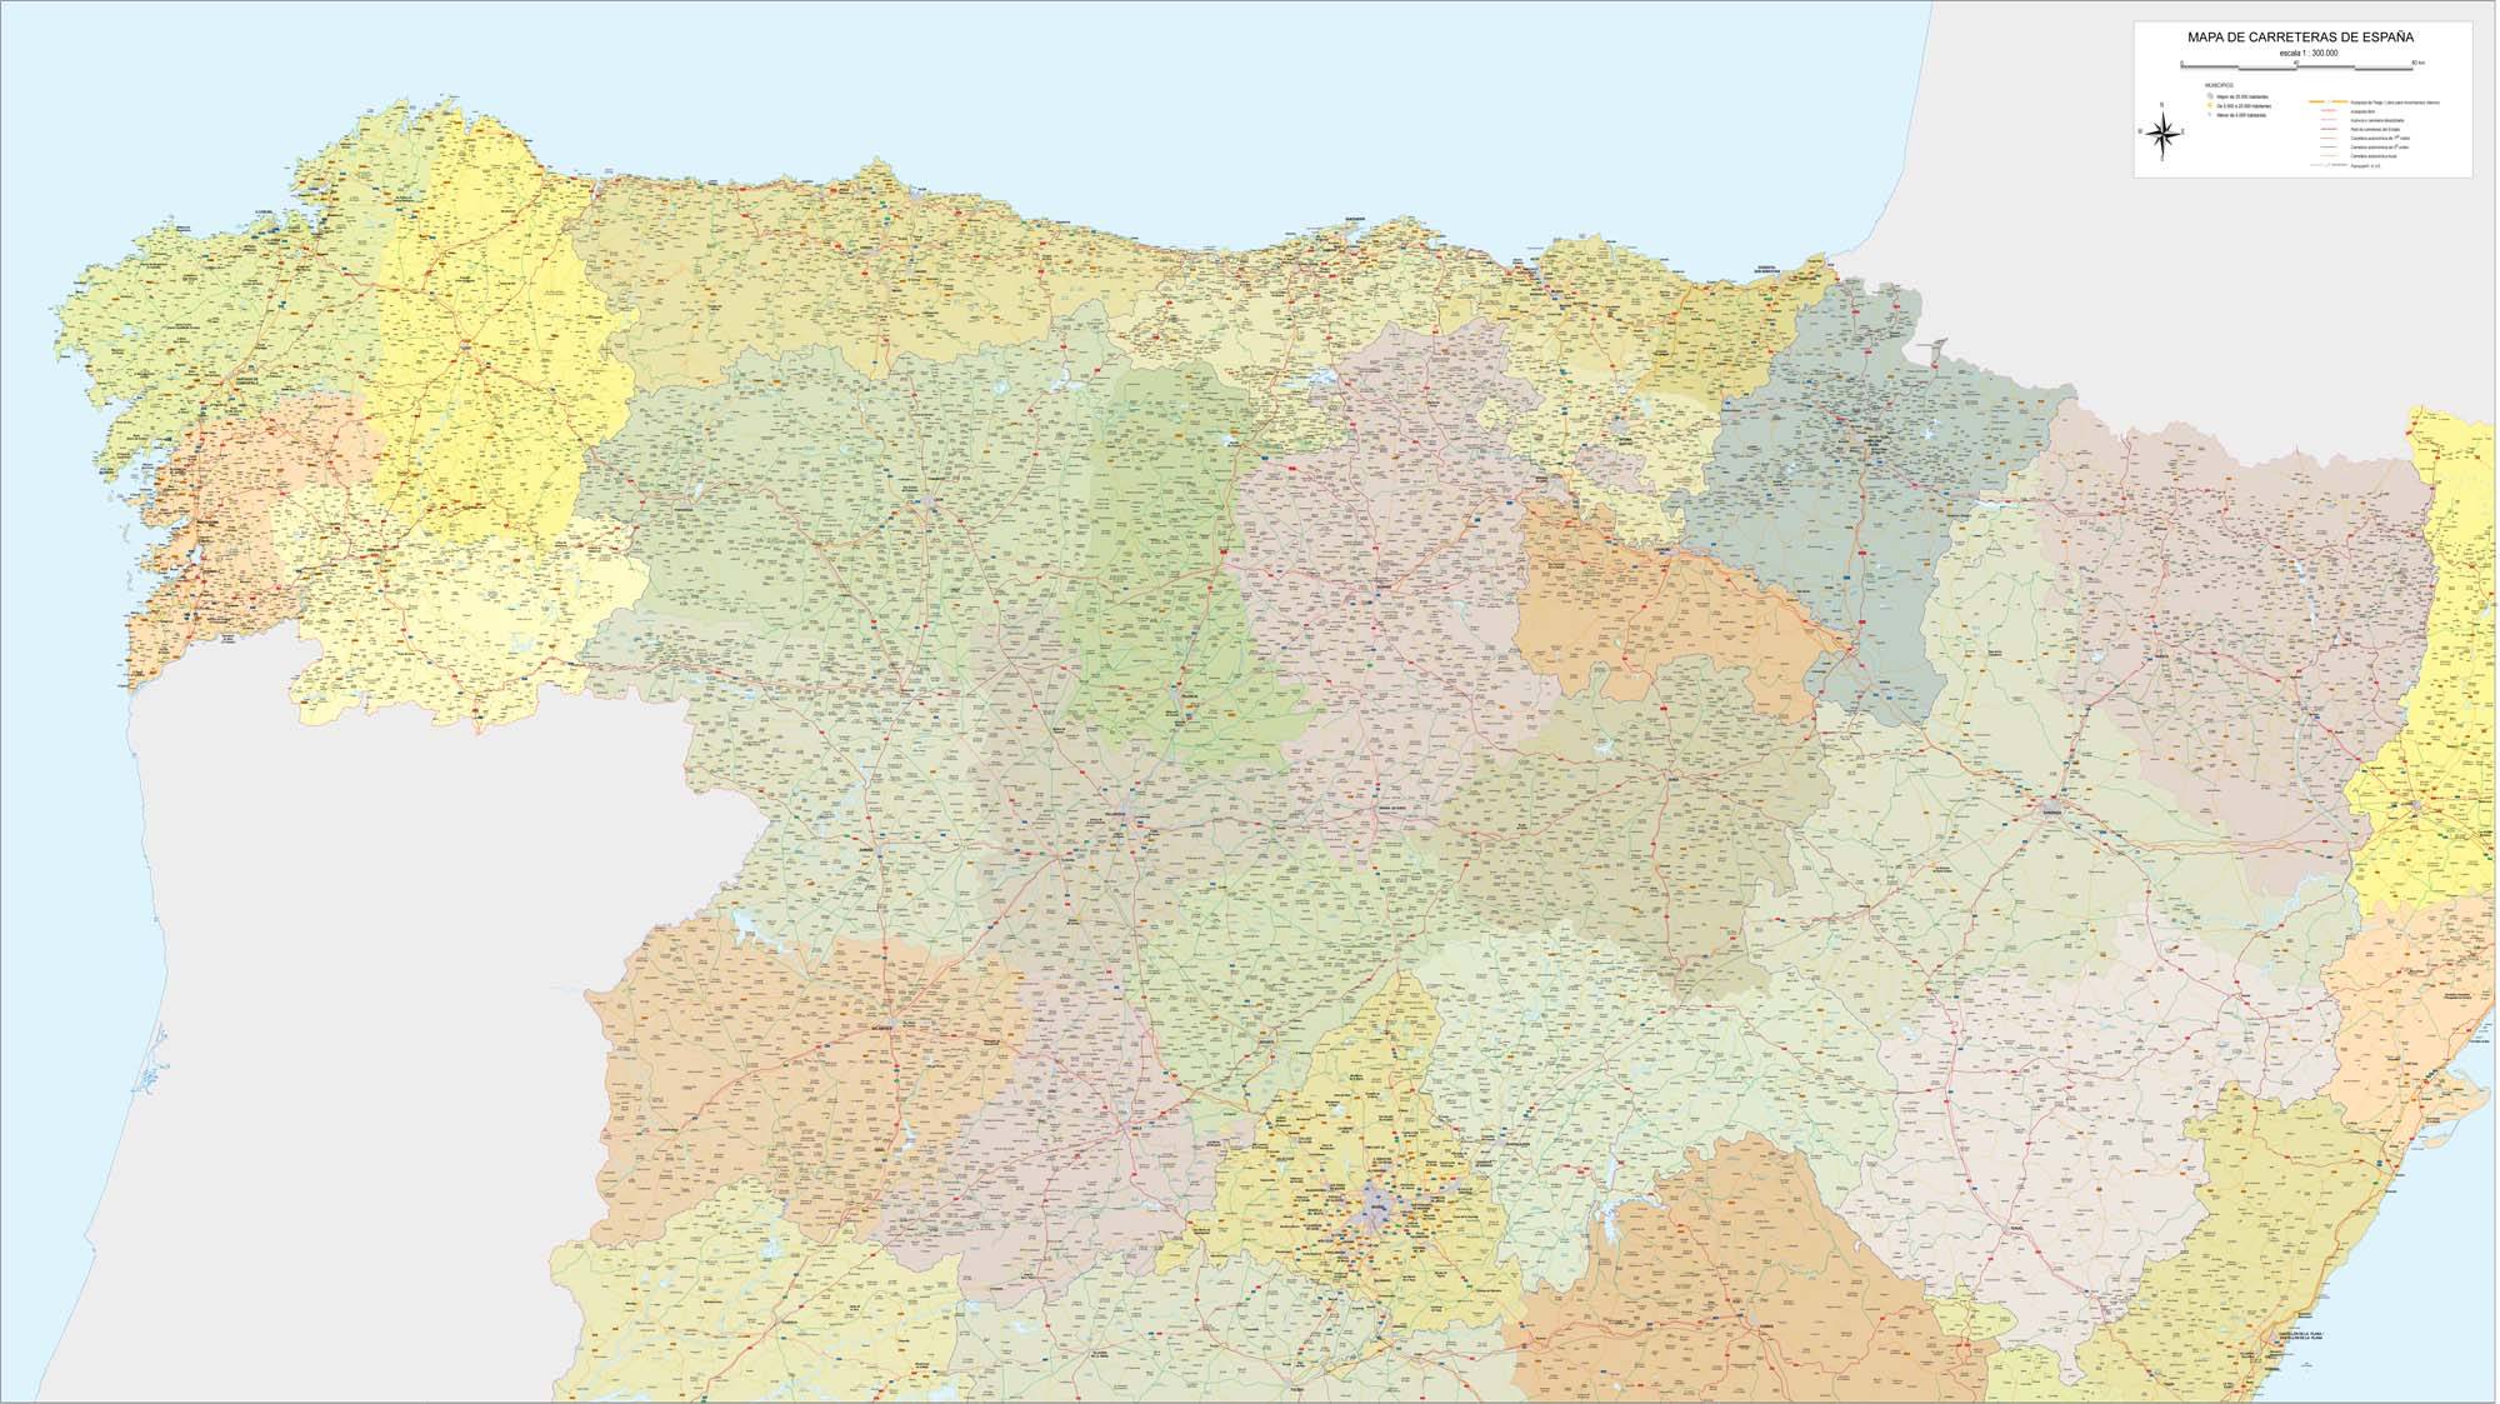 Roadmap of northwestern Spain